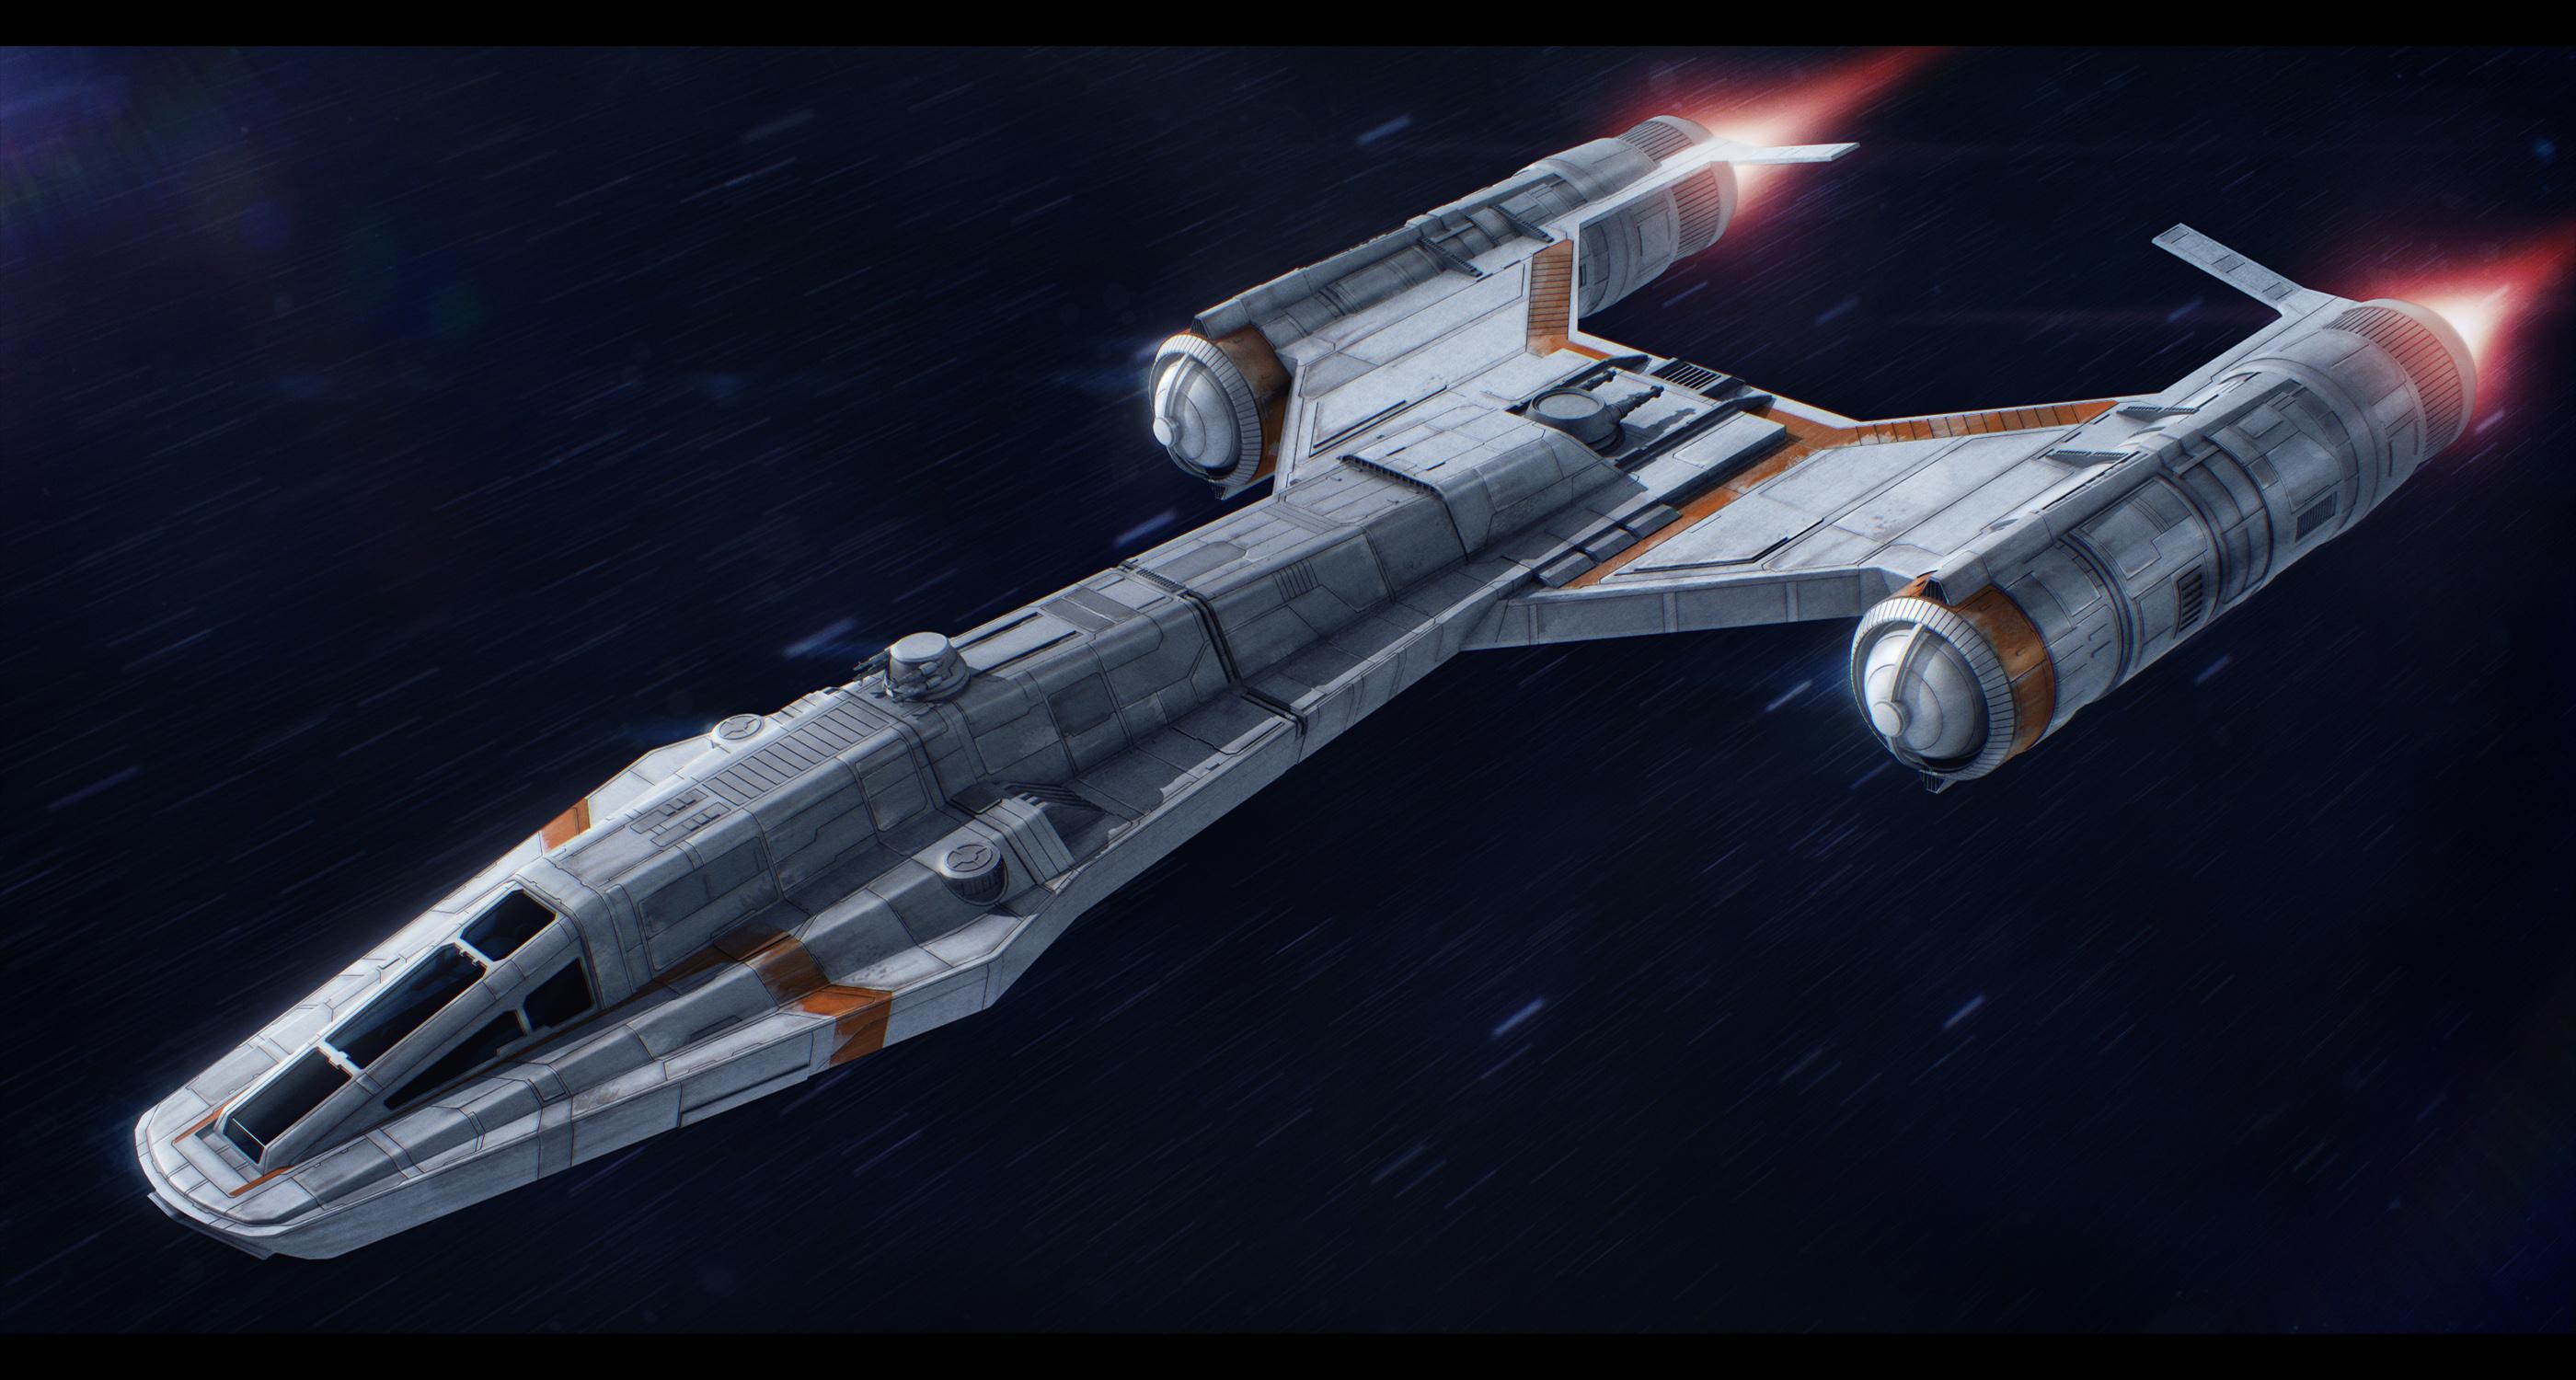 Star Wars Koensayr P-22 Sentry by AdamKop